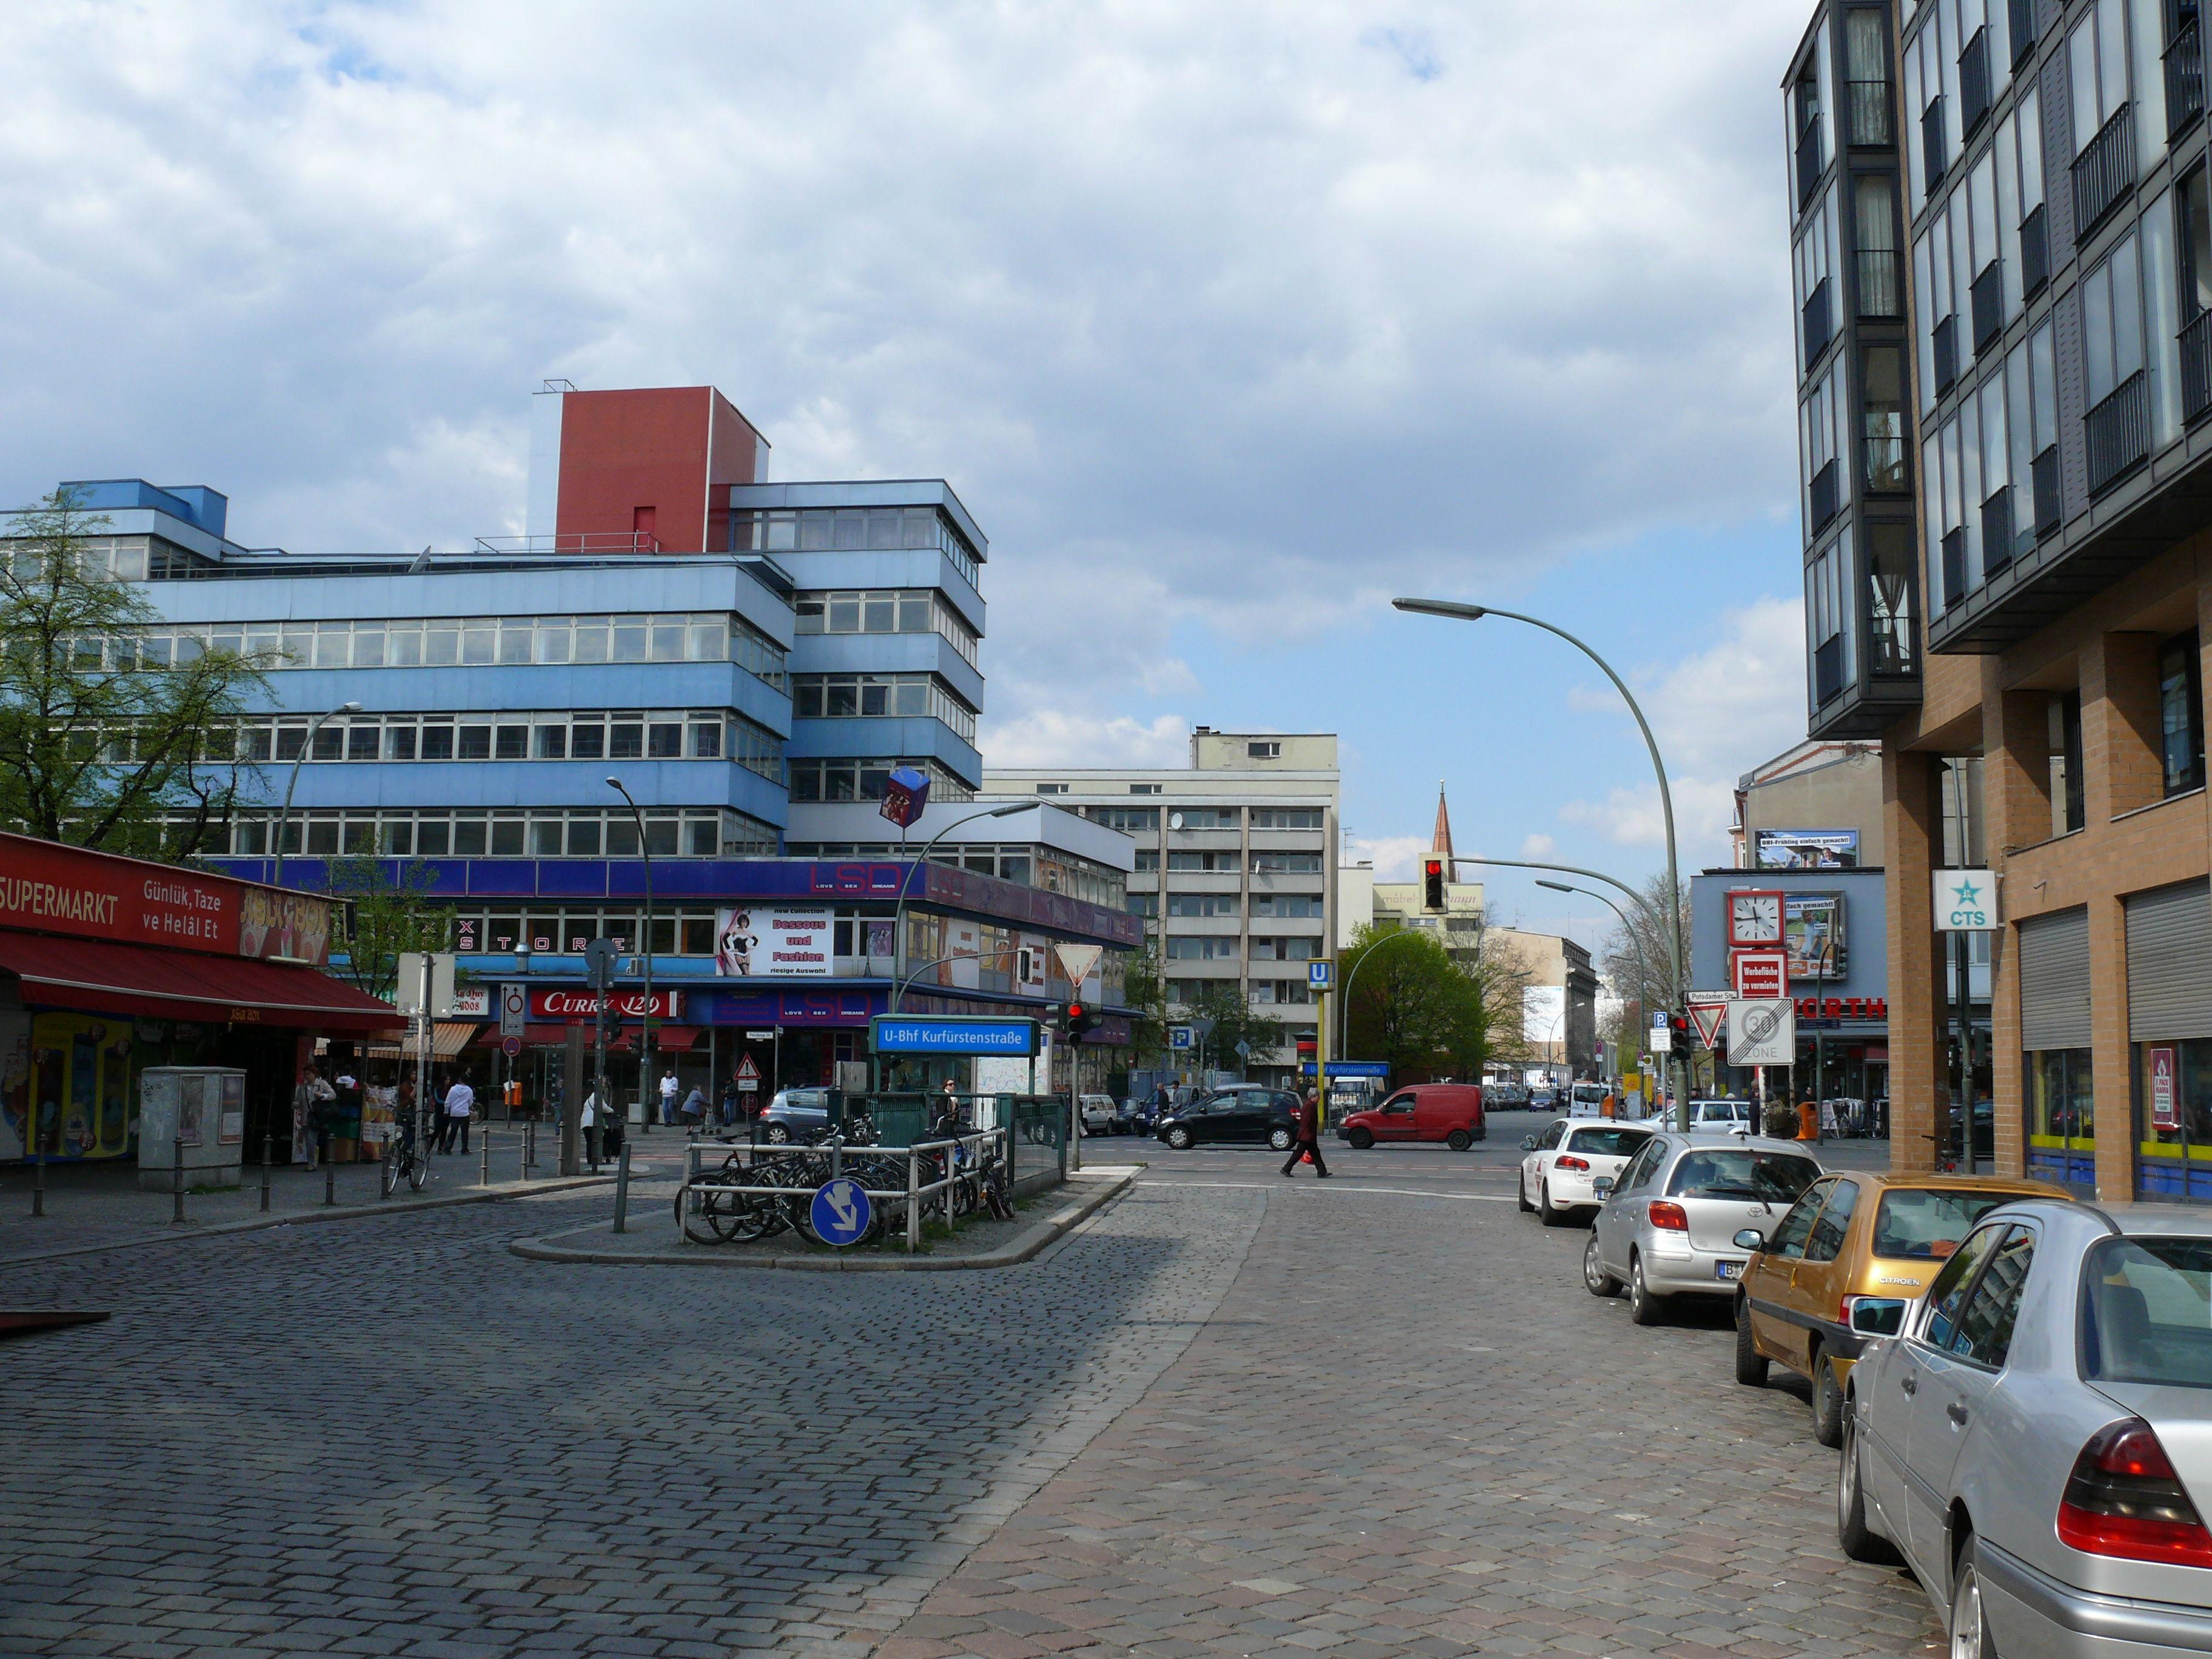 Strassenstrich berlin mitte